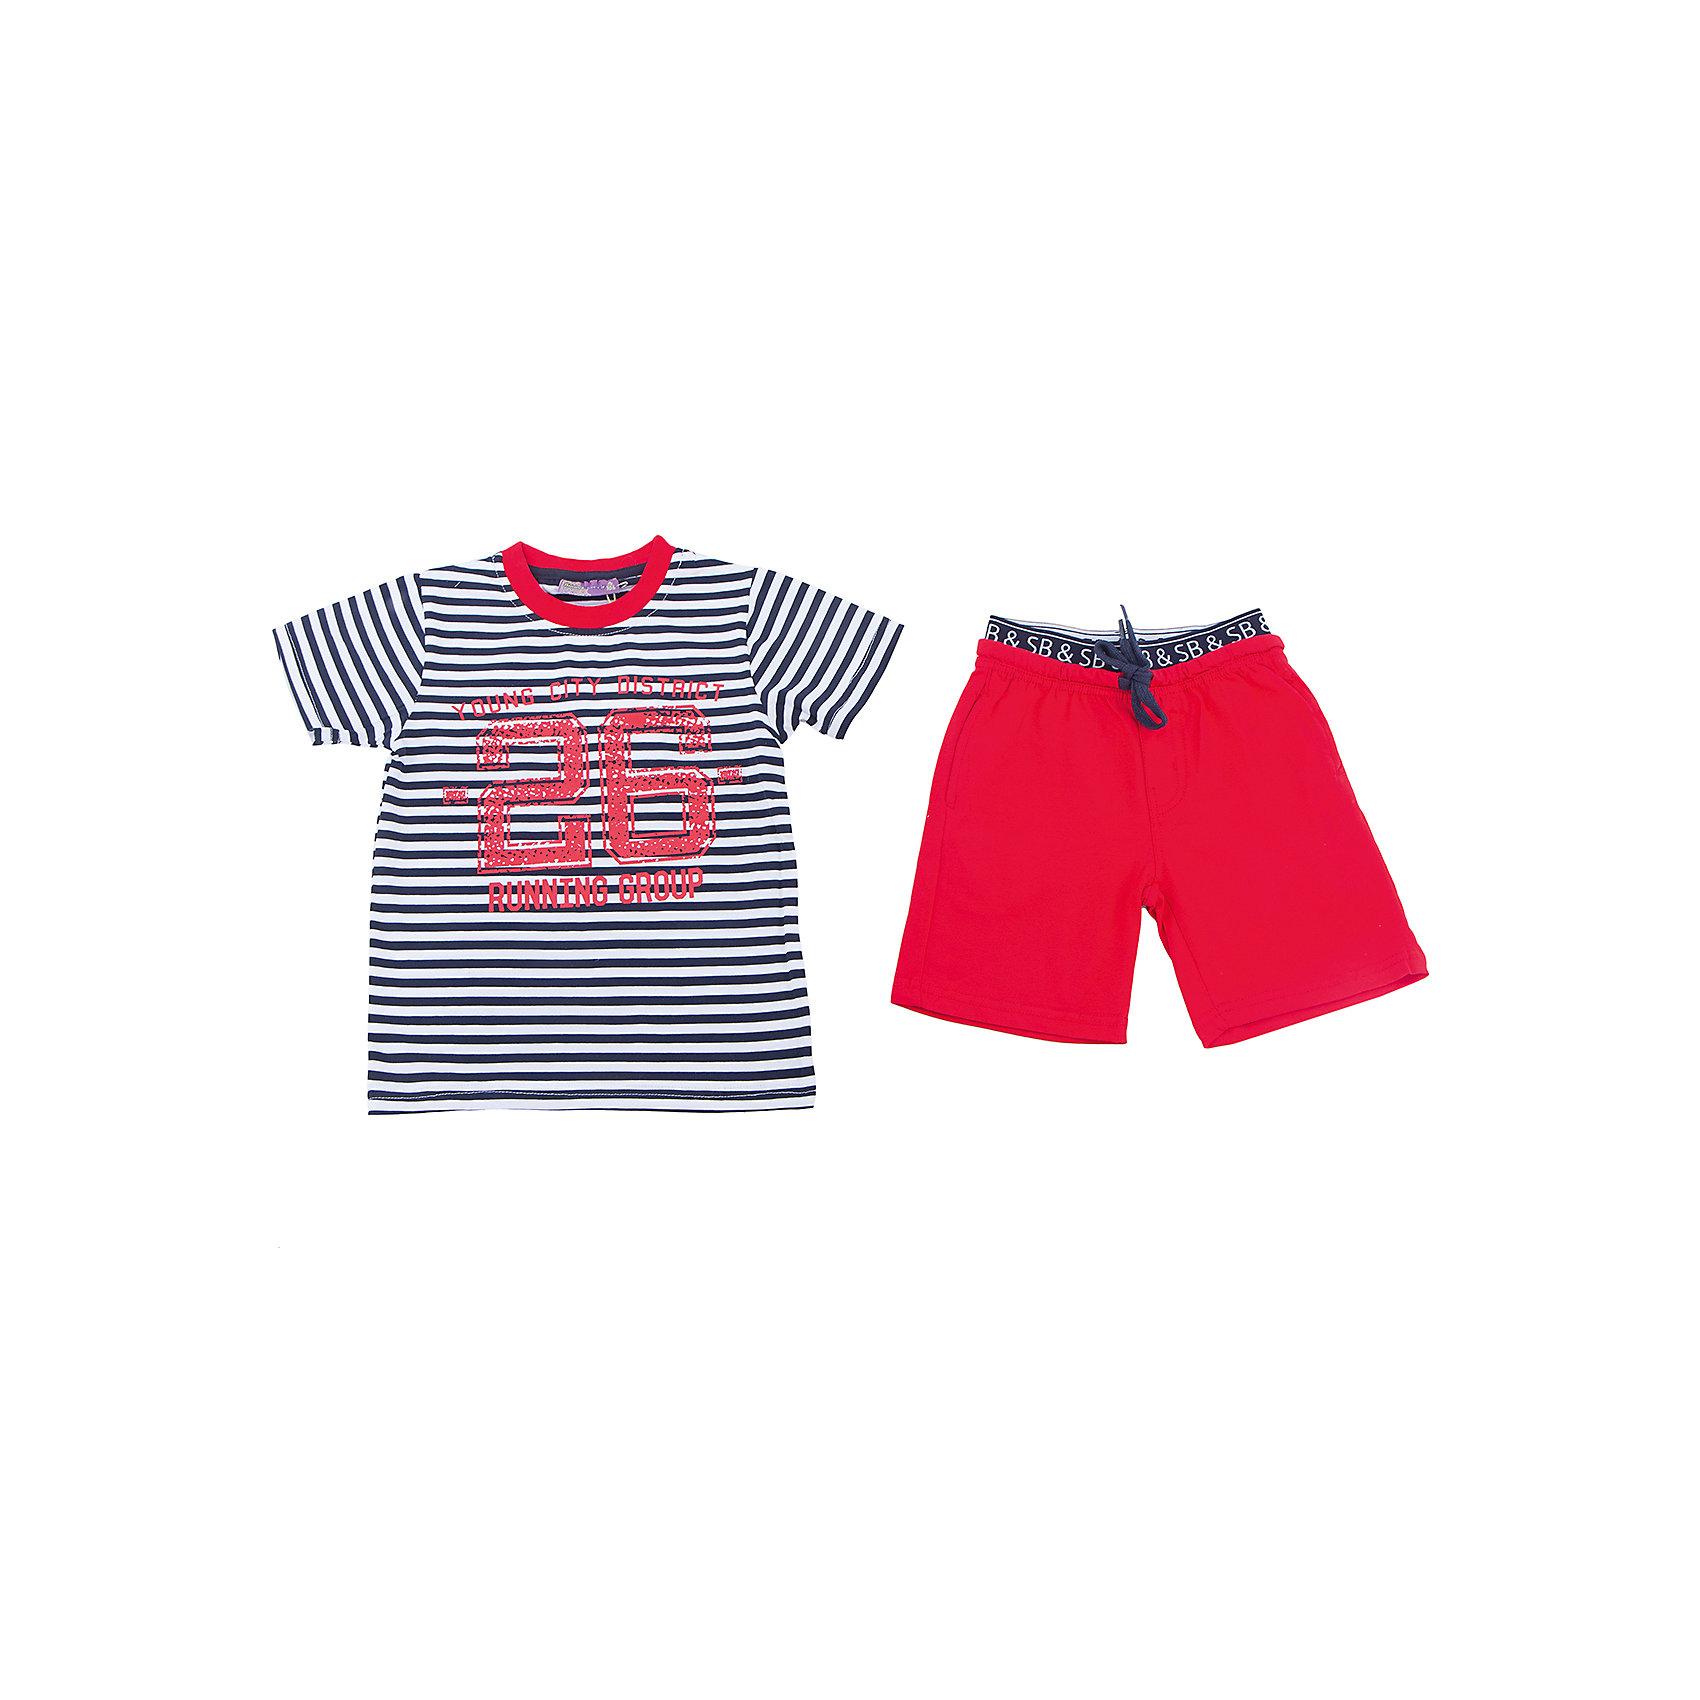 Комплект: футболка и шорты для мальчика Sweet BerryКомплекты<br>Яркий трикотажный комплект для мальчика состоящий из футболки и шорт. Футболка декориорована модной полоской в морском стиле и принтом. Мягкие шорты с удобными карманами. Пояс-резинка дополнен шнуром для регулирования объема.<br>Состав:<br>95%хлопок 5%эластан<br><br>Ширина мм: 191<br>Глубина мм: 10<br>Высота мм: 175<br>Вес г: 273<br>Цвет: красный<br>Возраст от месяцев: 36<br>Возраст до месяцев: 48<br>Пол: Мужской<br>Возраст: Детский<br>Размер: 104,98,110,116,122,128<br>SKU: 5410567